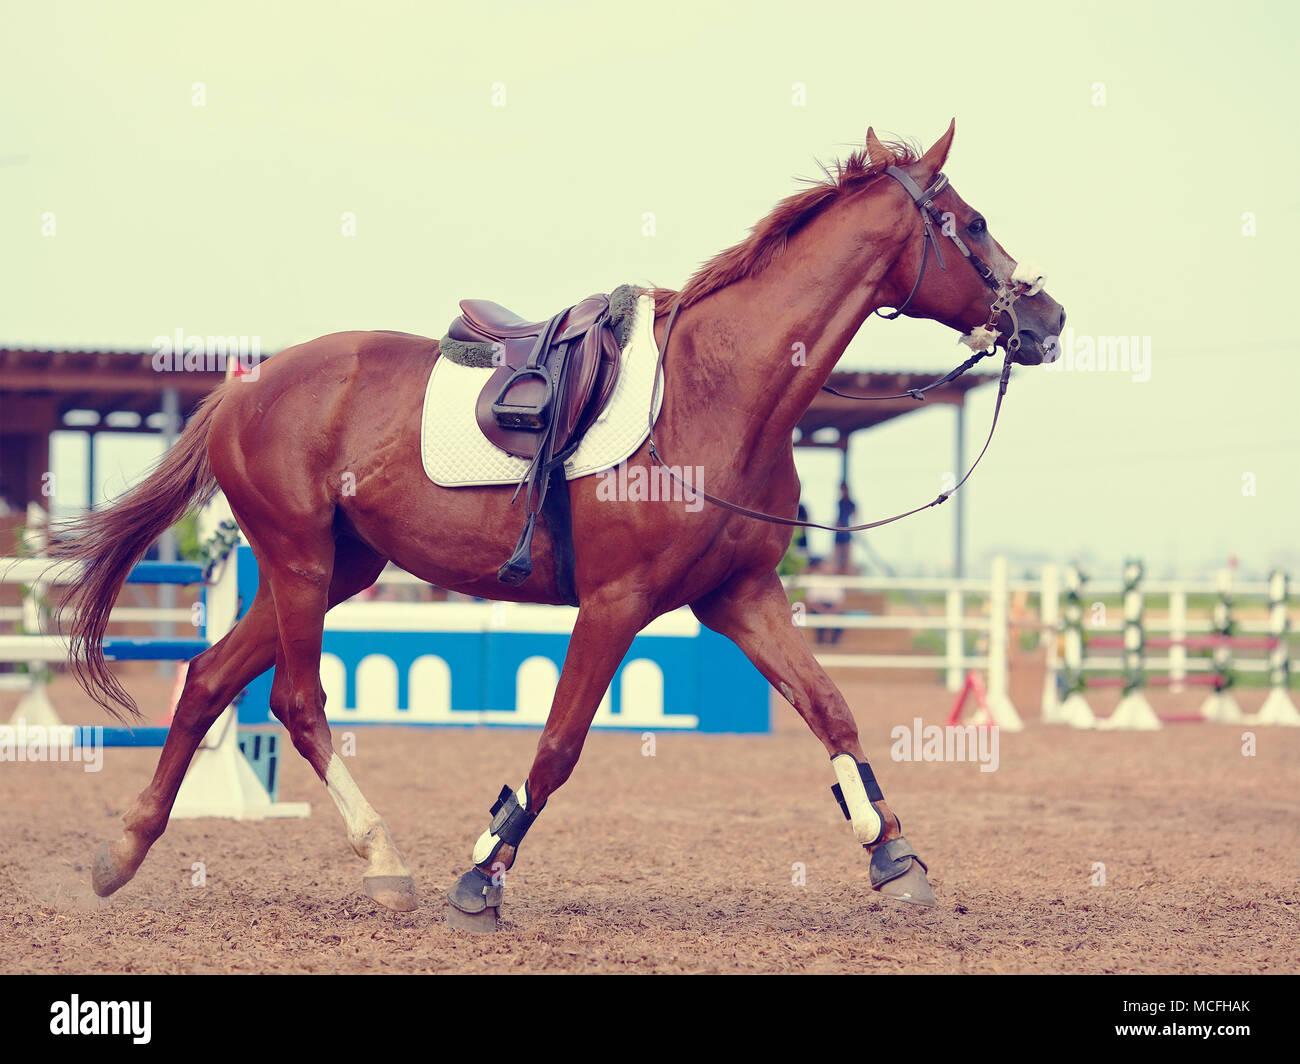 Le cheval sportif trotte dans le domaine pour les compétitions. Banque D'Images